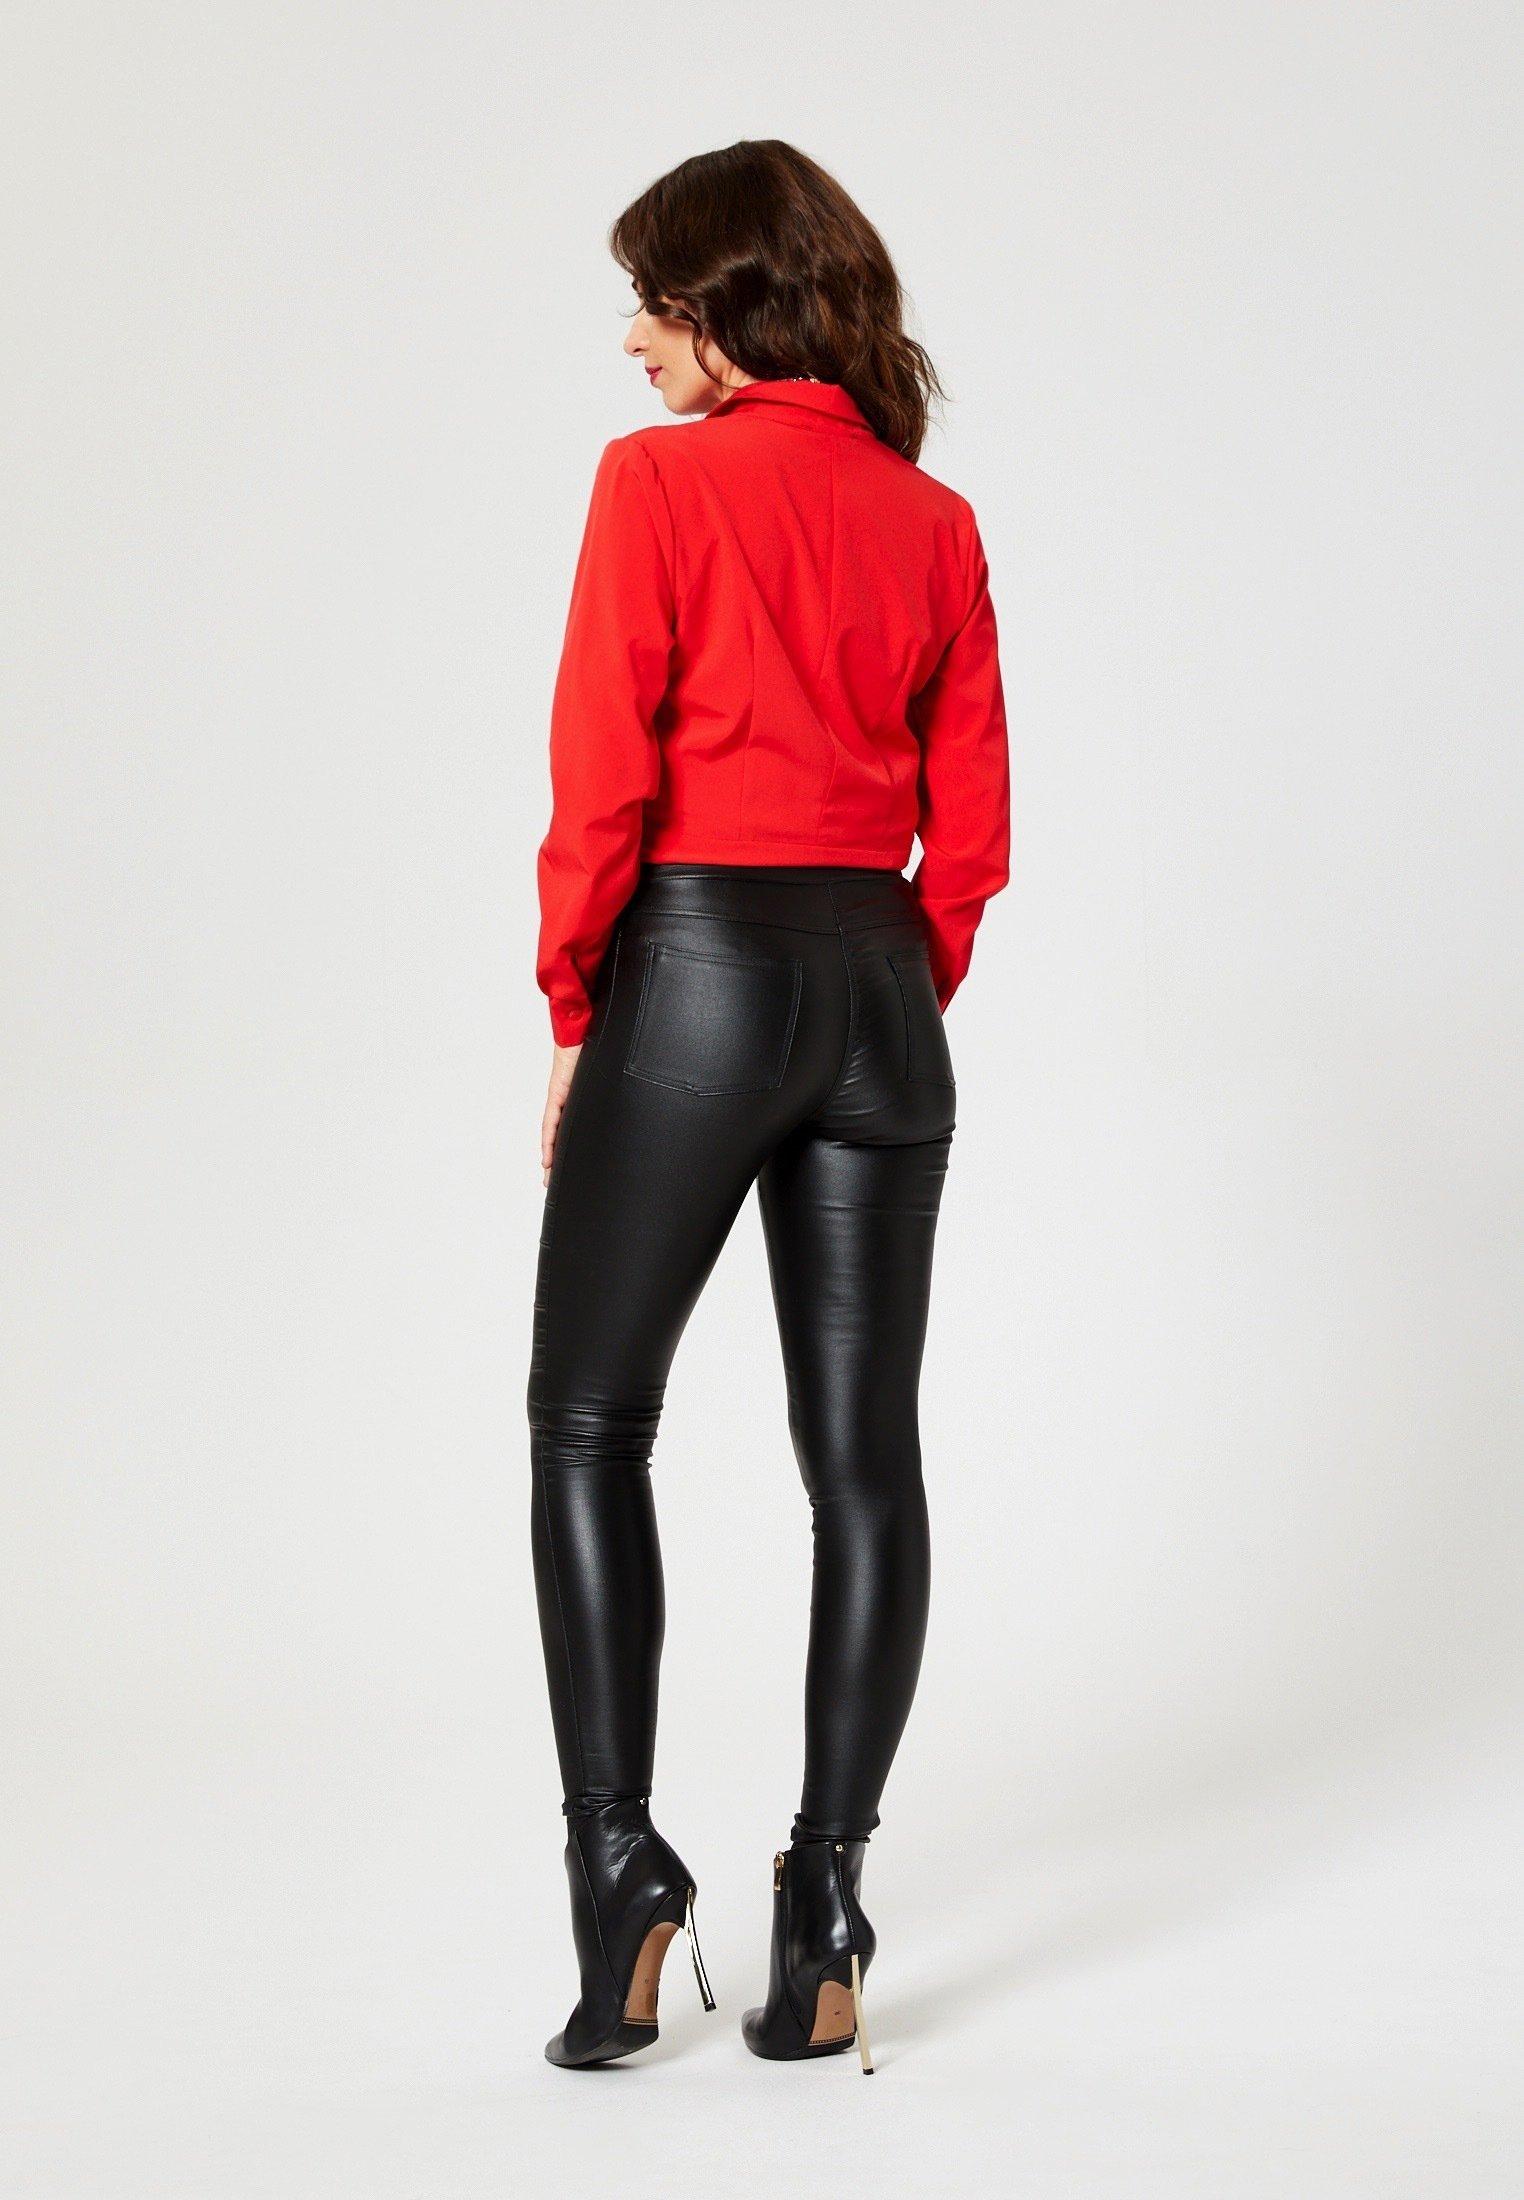 Black Black Leggings Faina Black Faina Faina Leggings Faina Leggings lKcF13uT5J